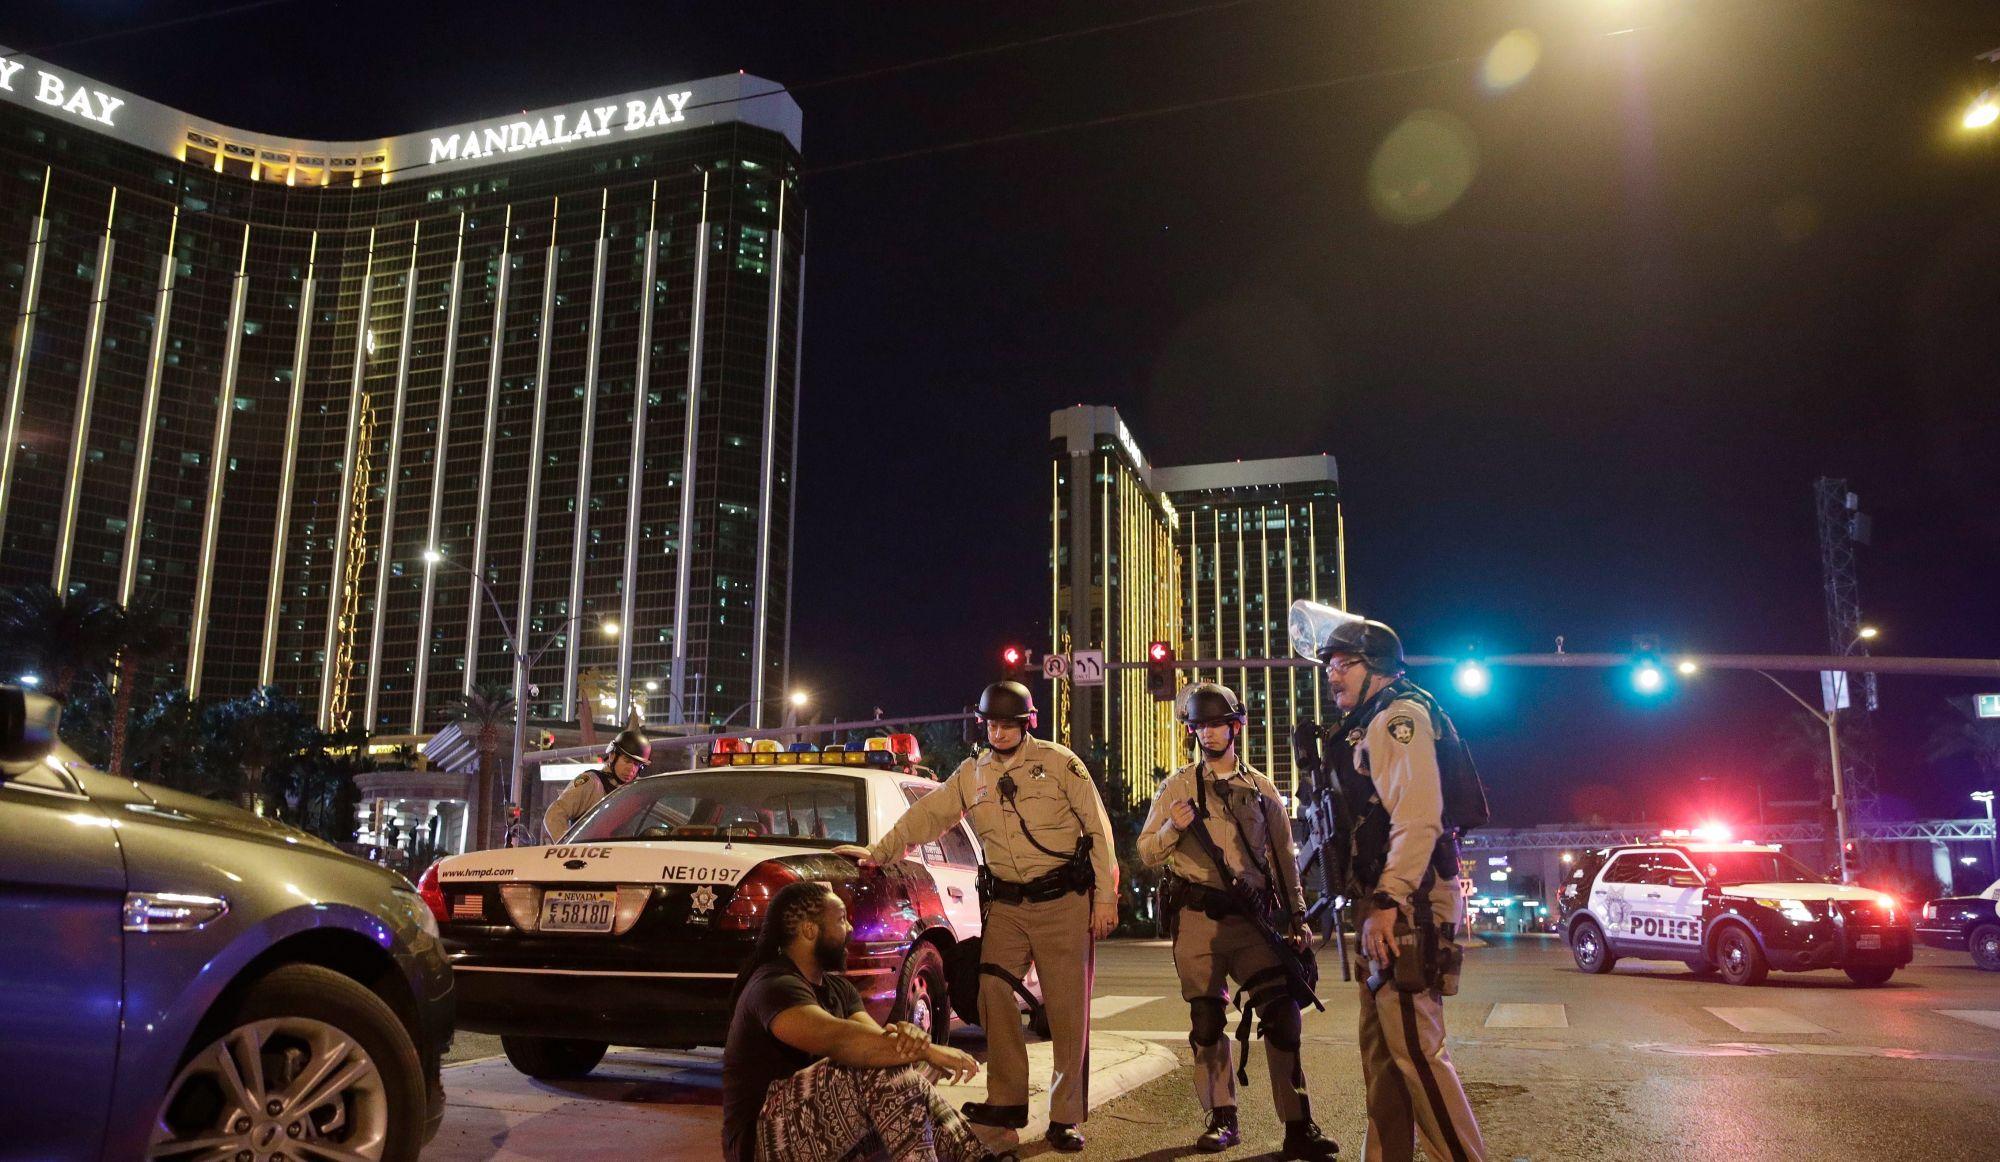 59 morts et 527 blessés dans une fusillade à Vegas: l'ÉI revendique